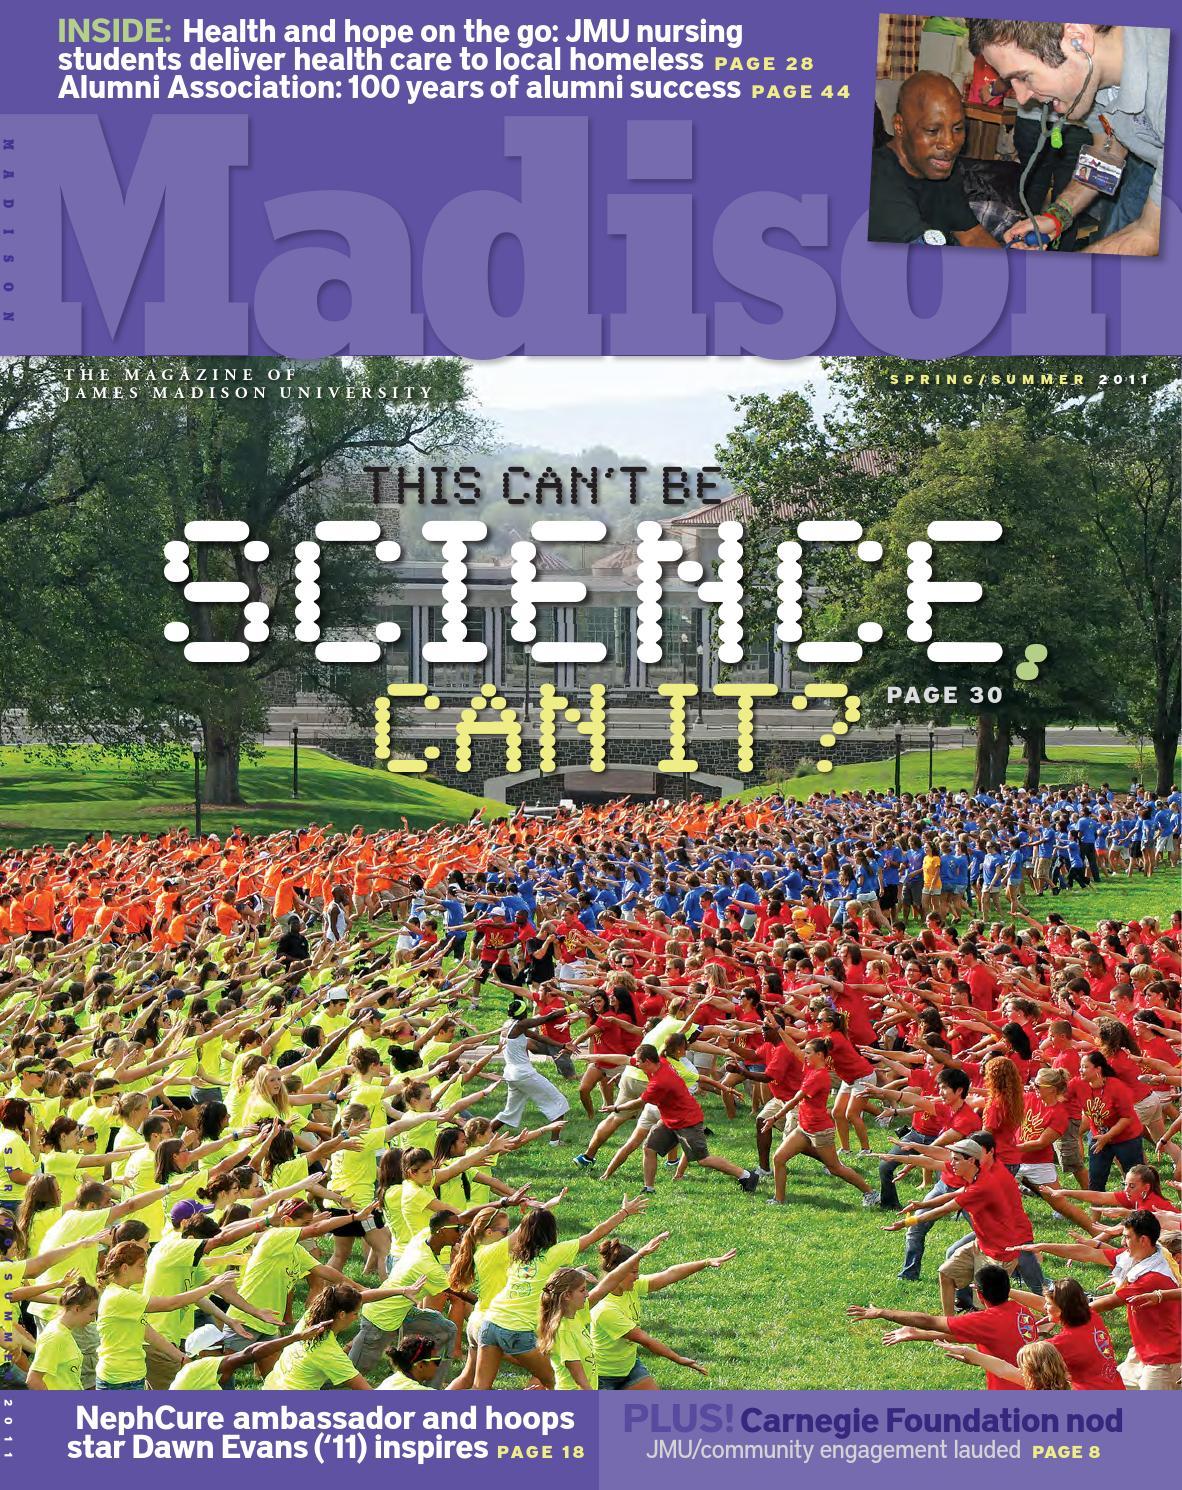 Madison Magazine Springsummer 2011 By James Madison University Issuu